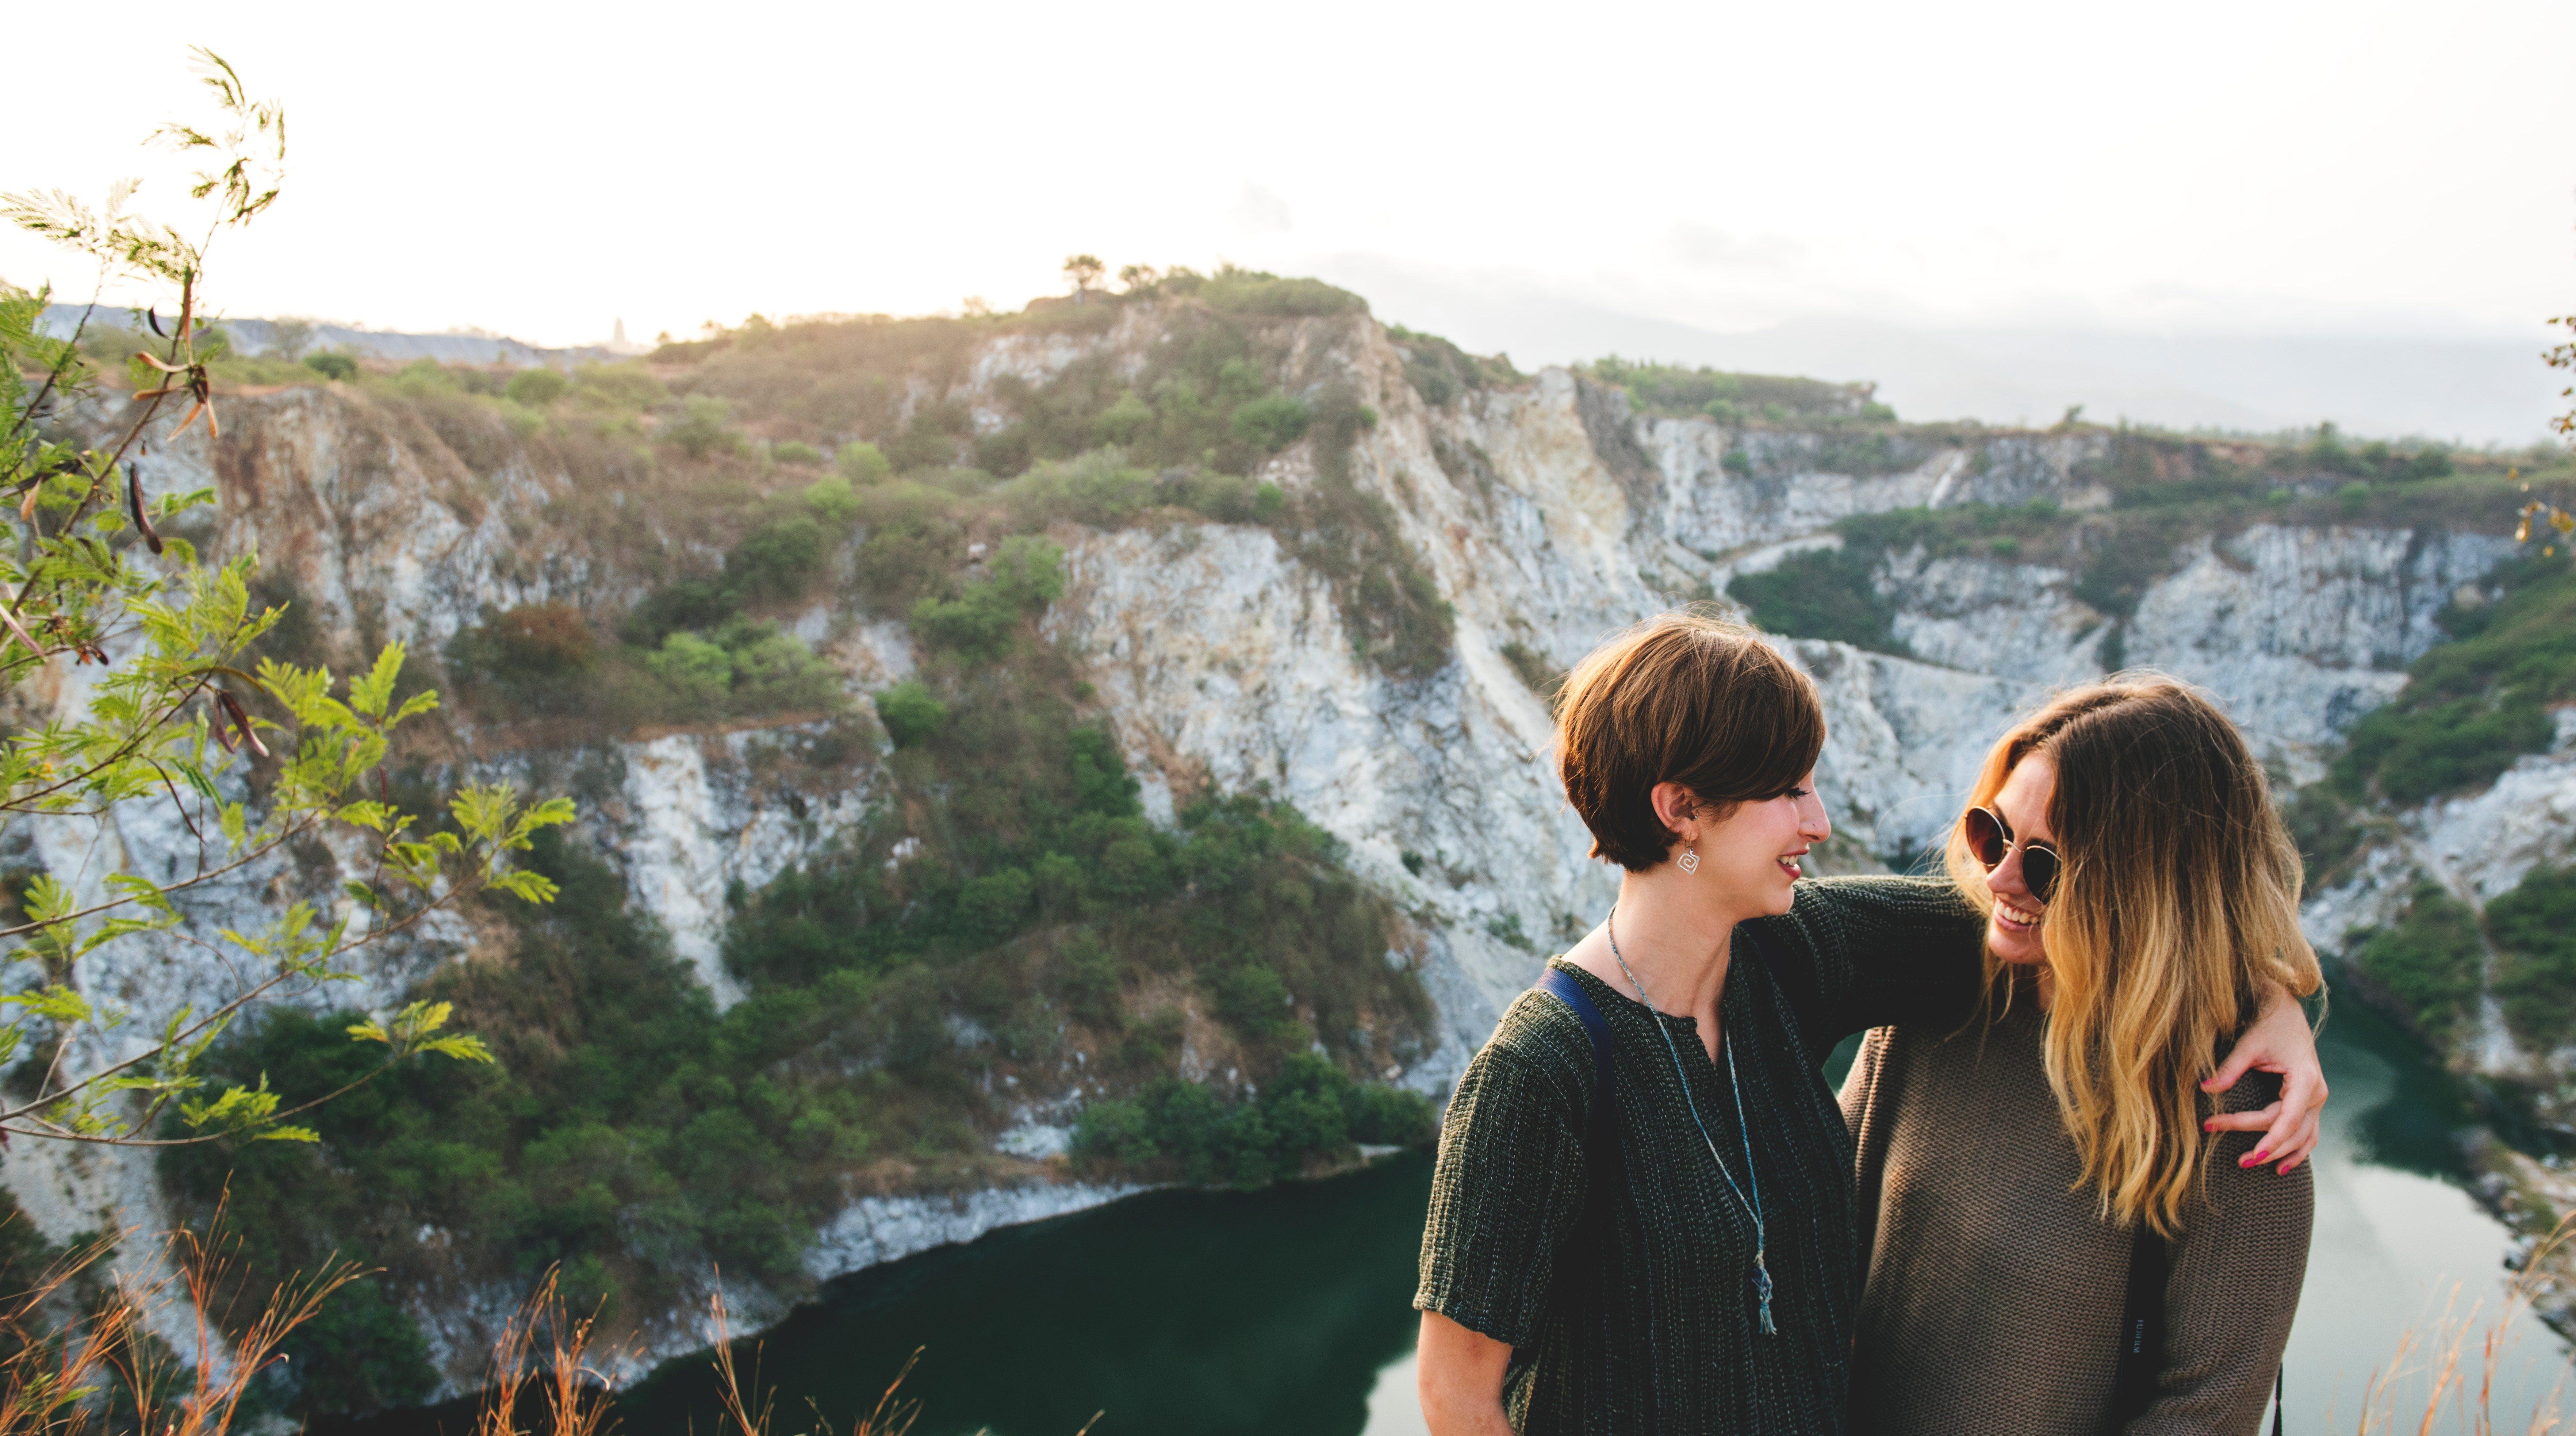 Zwei Frauen genießen ein langes Wochenende in der Natur als Stessbewältigungsstrategie